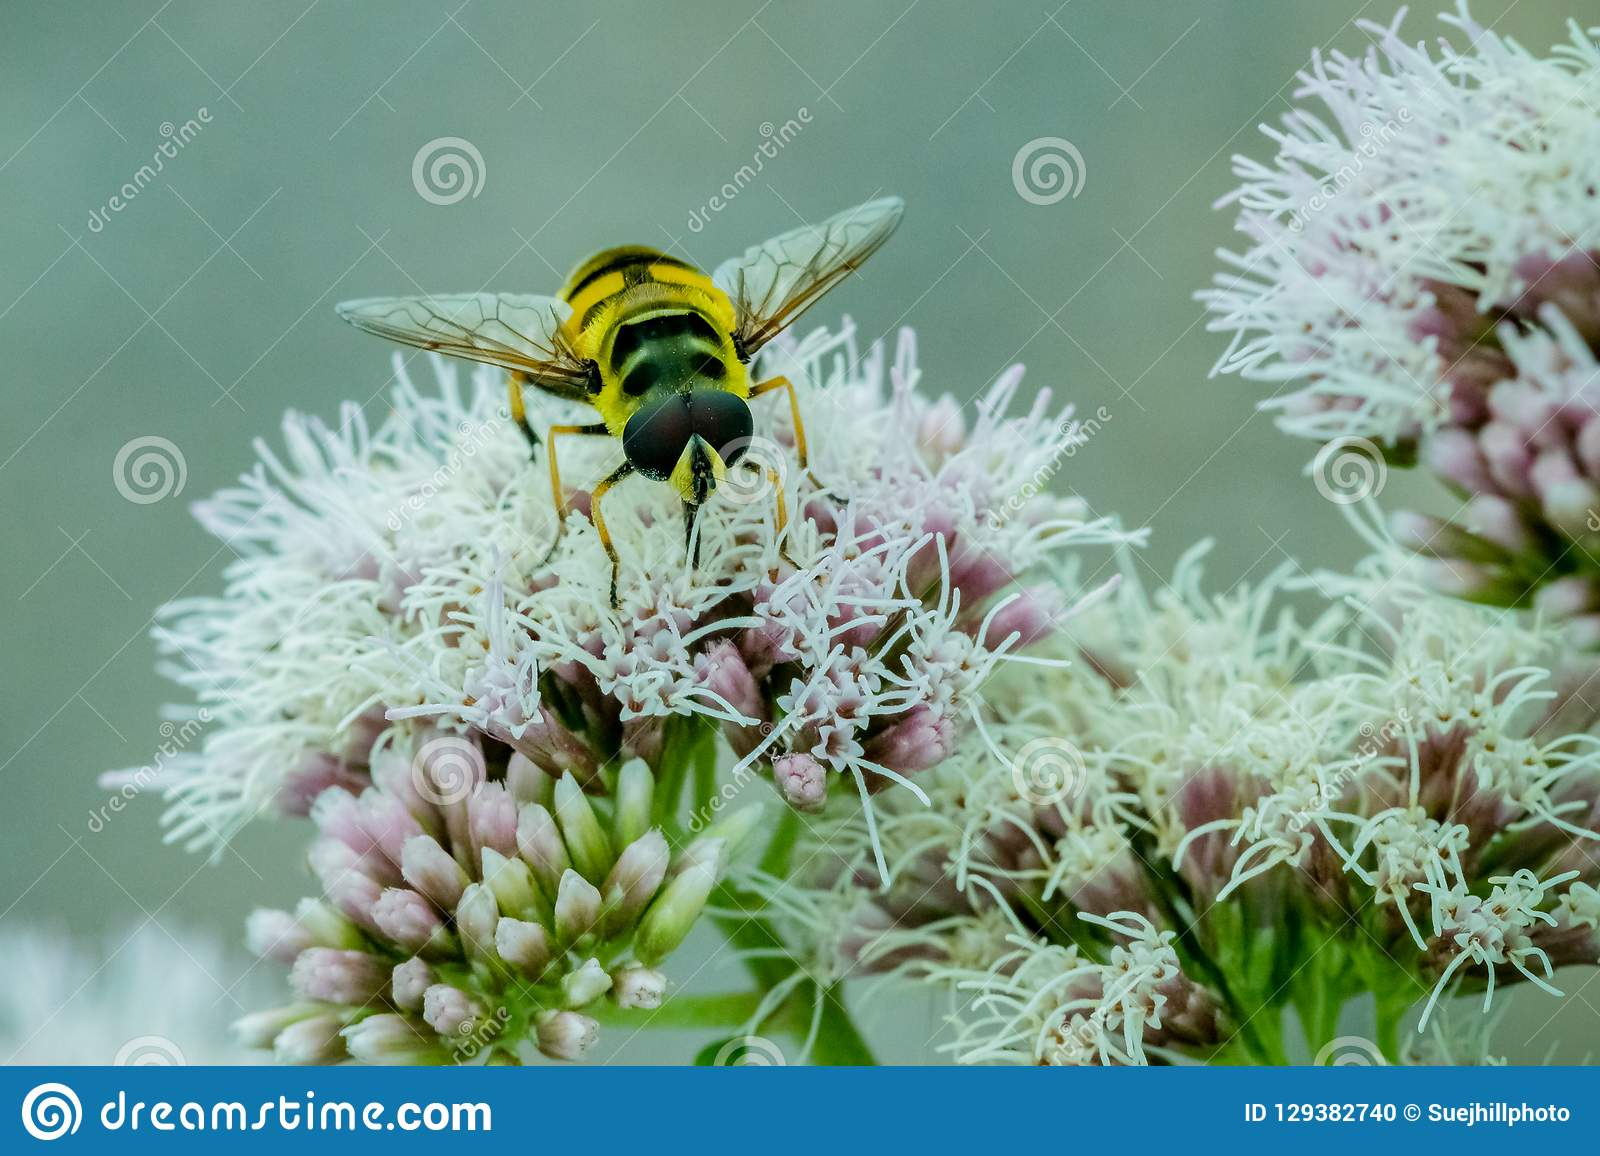 Stäng sig upp av en svart och gulna Hoverfly som matar på nektar på vita blommor i trädgården